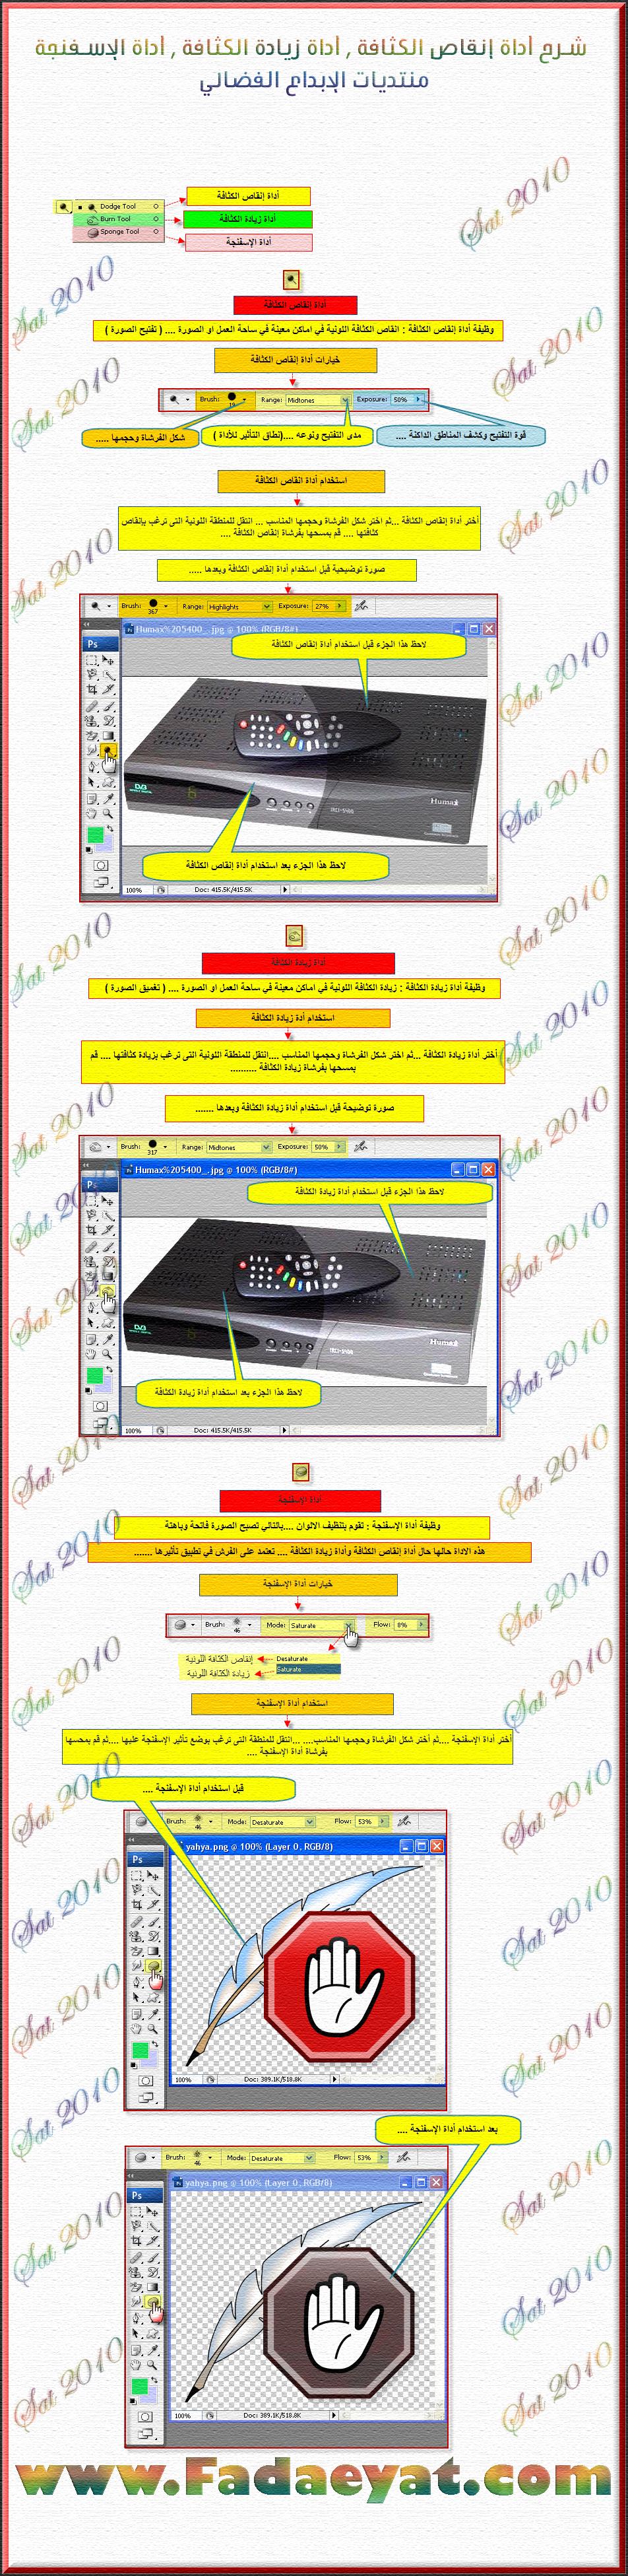 شرح أدوات الفوتوشوب - إداة أنقاص الكثافة , أداة زيادة الكثافة , أداة ألإسفنجة